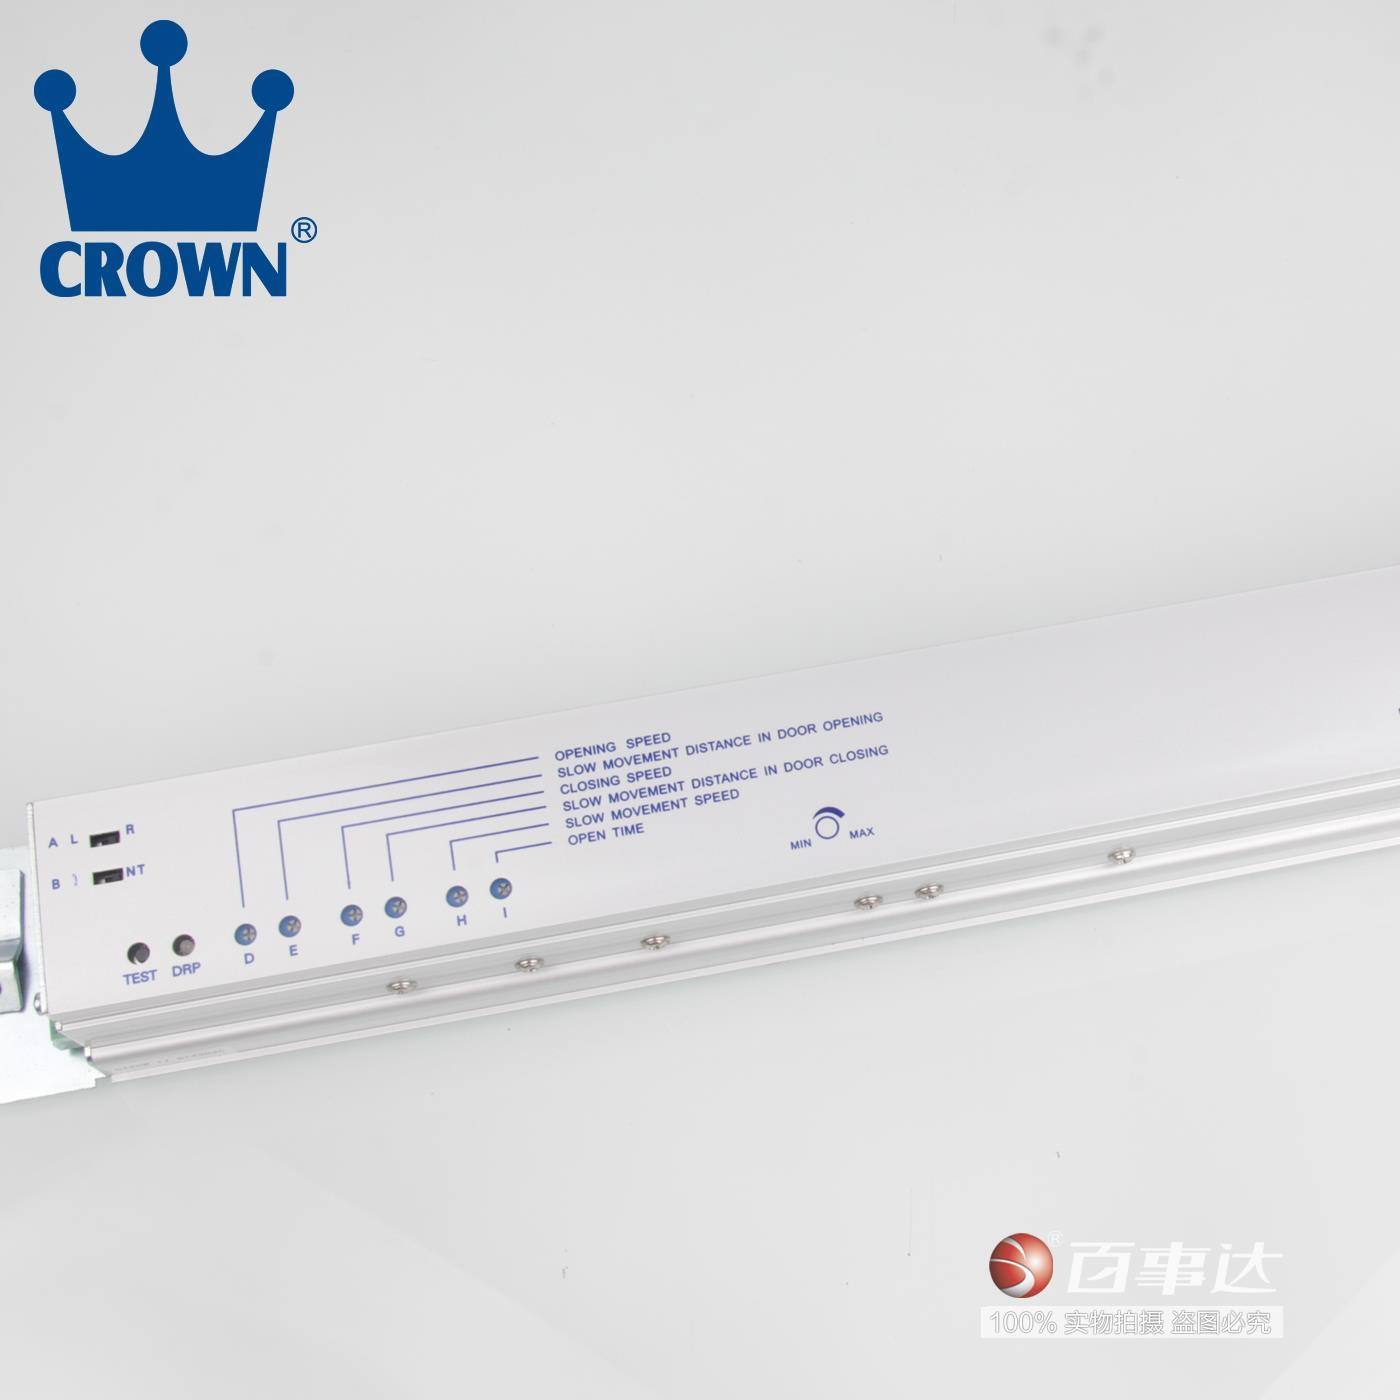 杭州皇冠原装自动门HG-118T报价